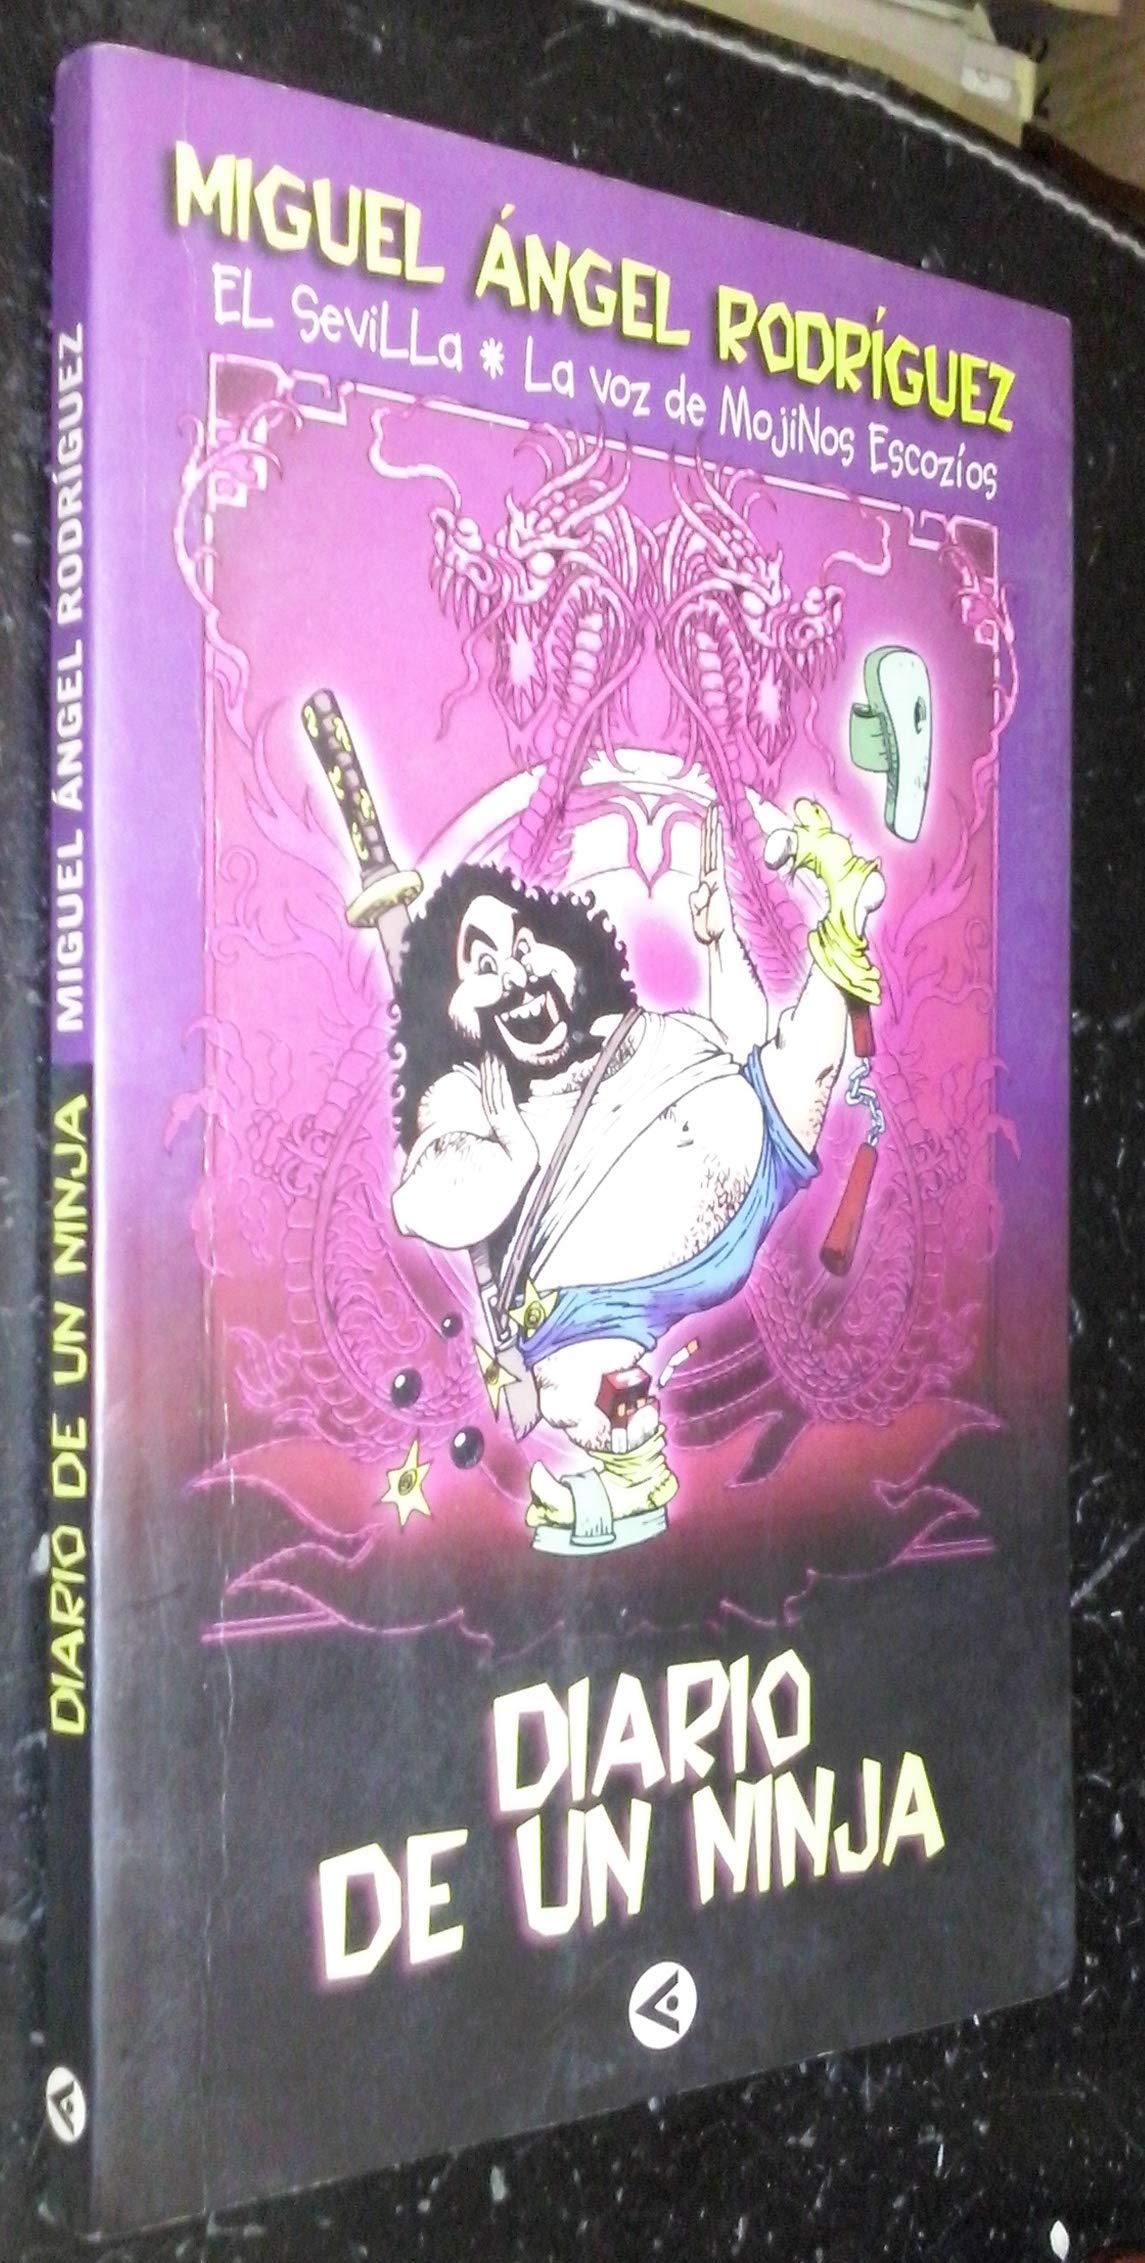 Diario de un ninja: 9788403093898: Amazon.com: Books